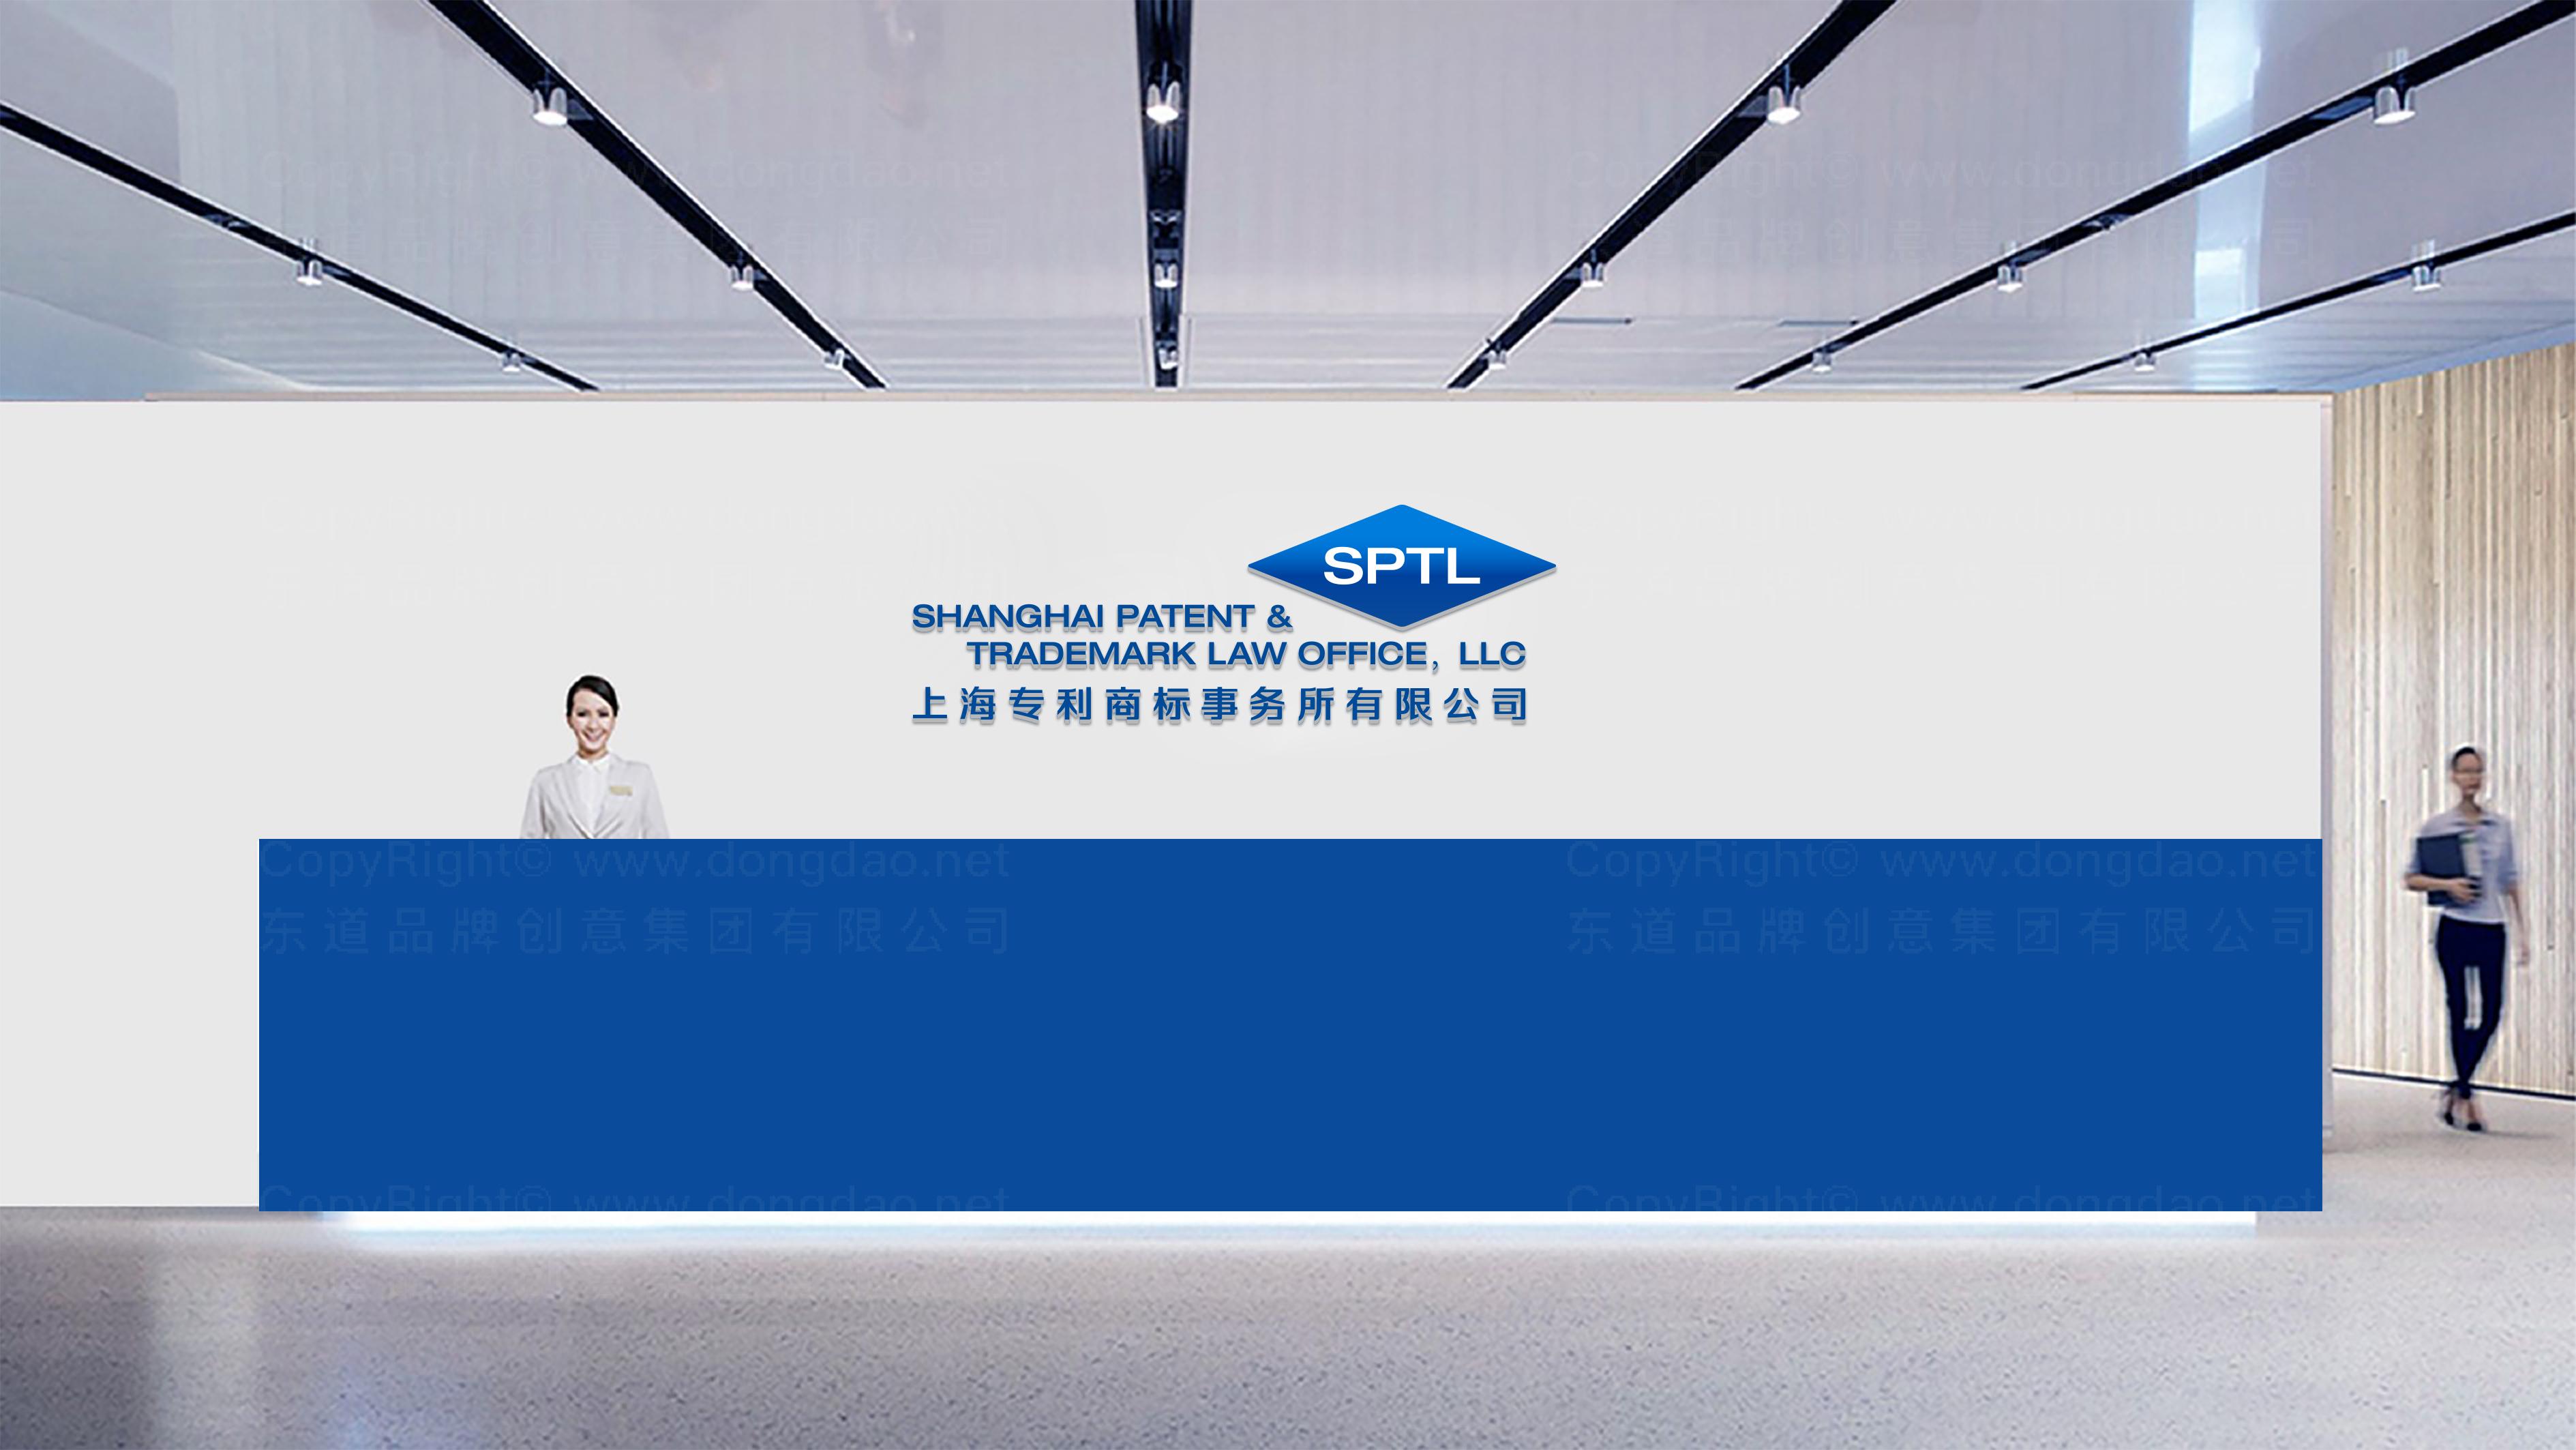 品牌设计上海专利商标事务所有限公司标志设计应用场景_1